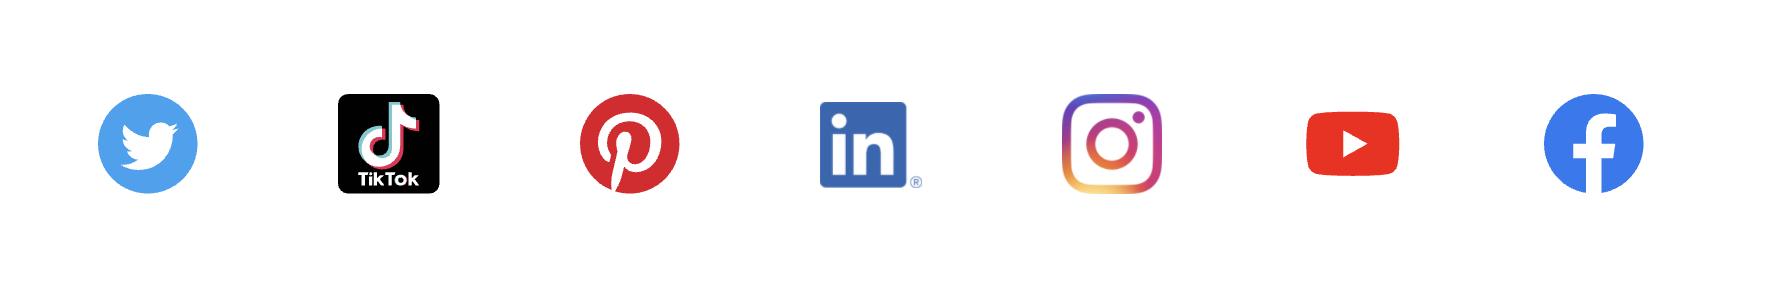 Six and Ten Tools social platform